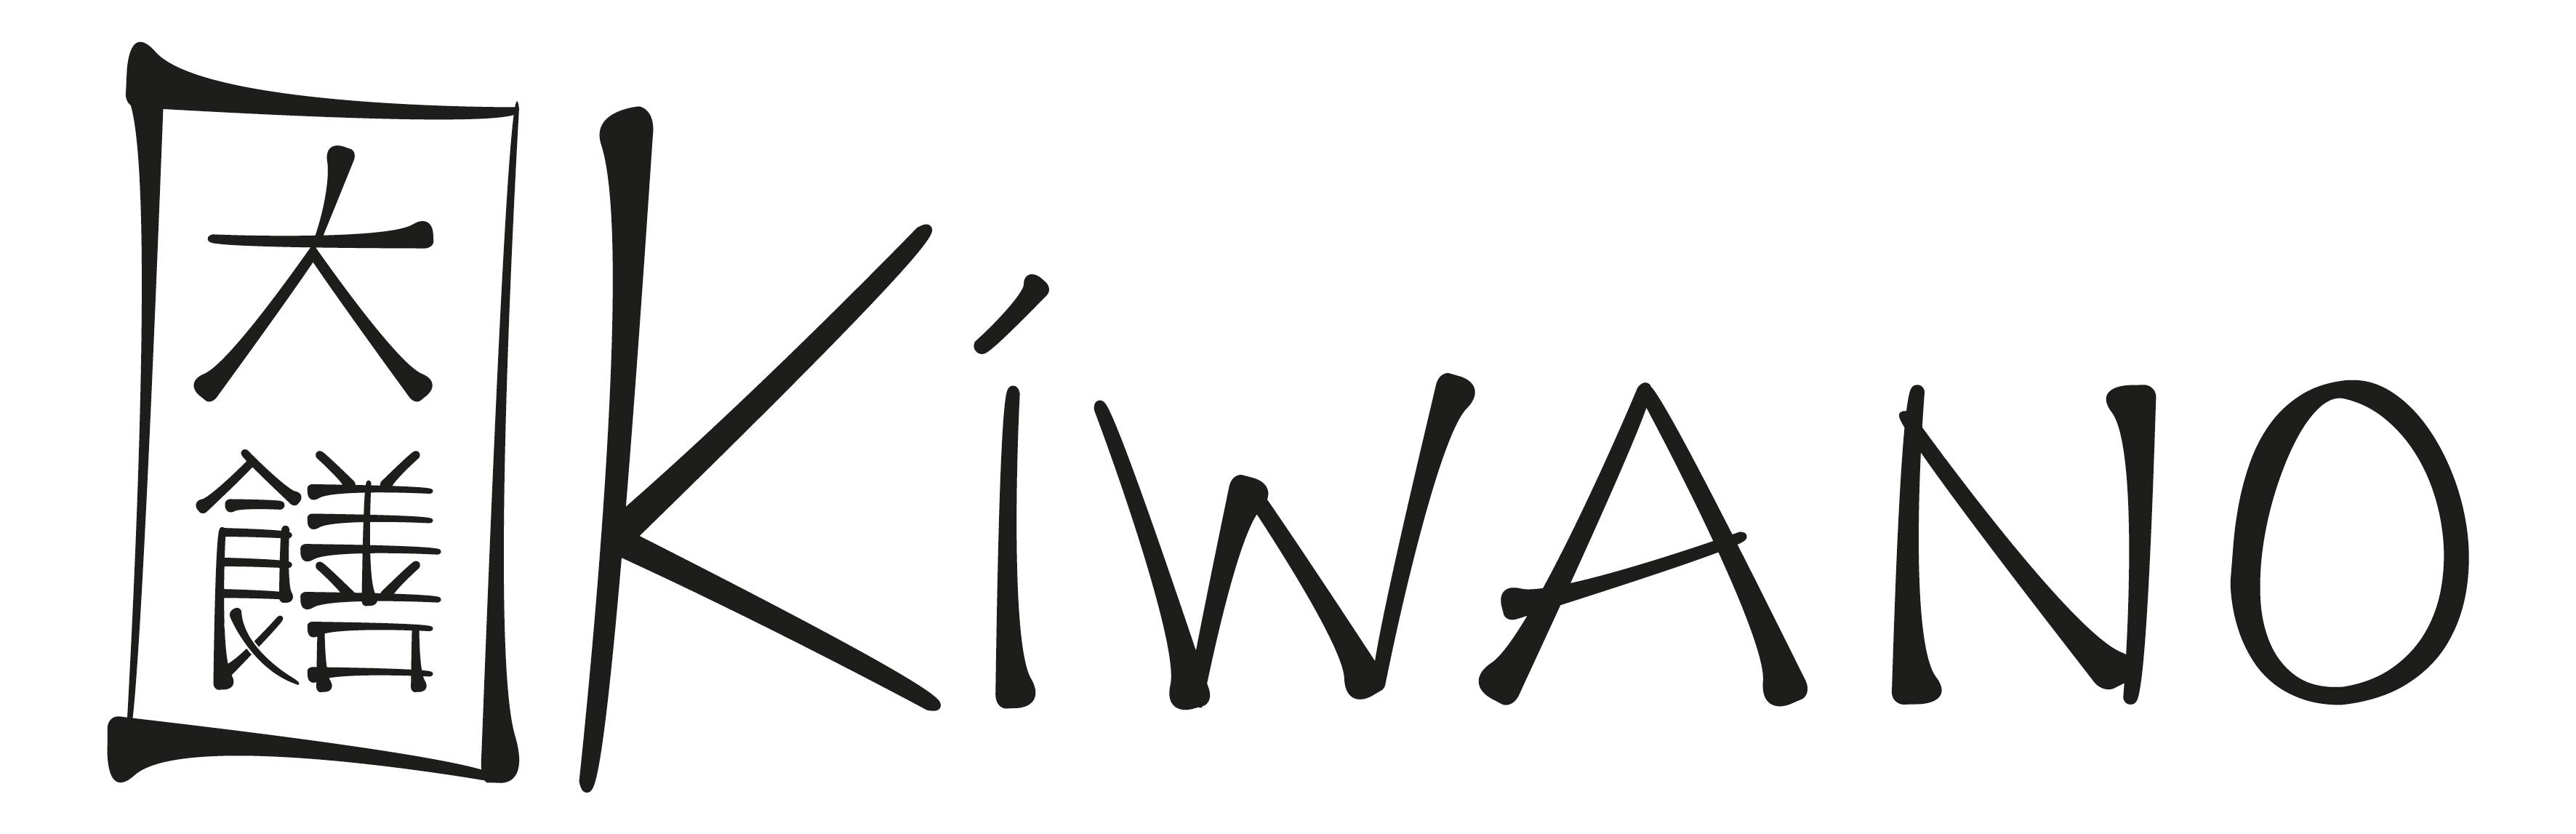 kiwano_logo_restaurant_SW_CMYK